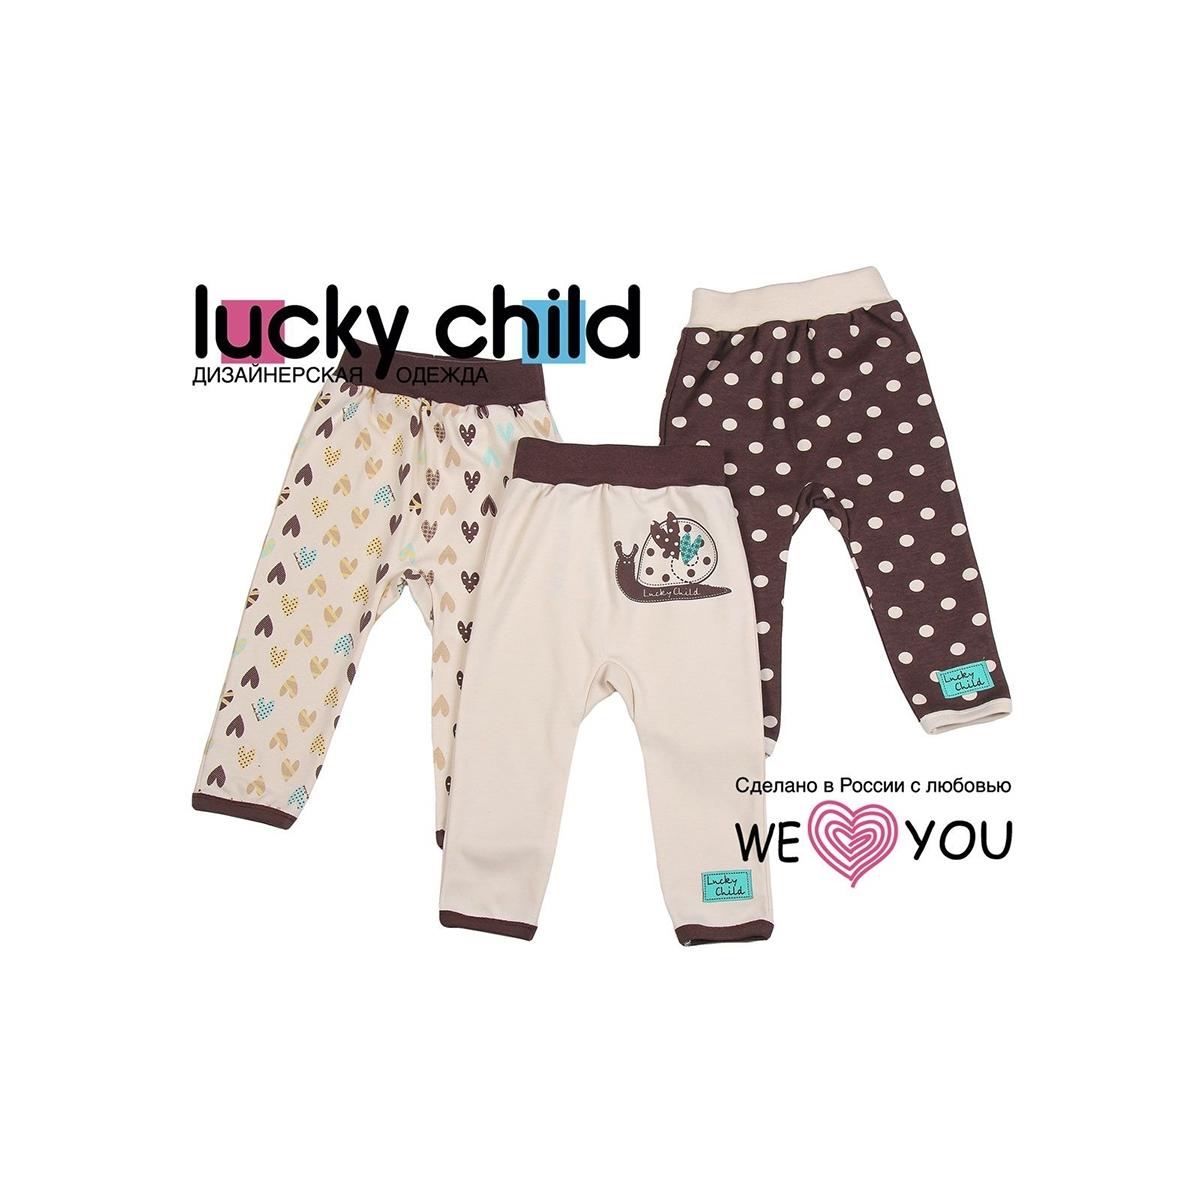 Комплект штанишки Lucky Child Улитки (3 шт) рост 98<br>